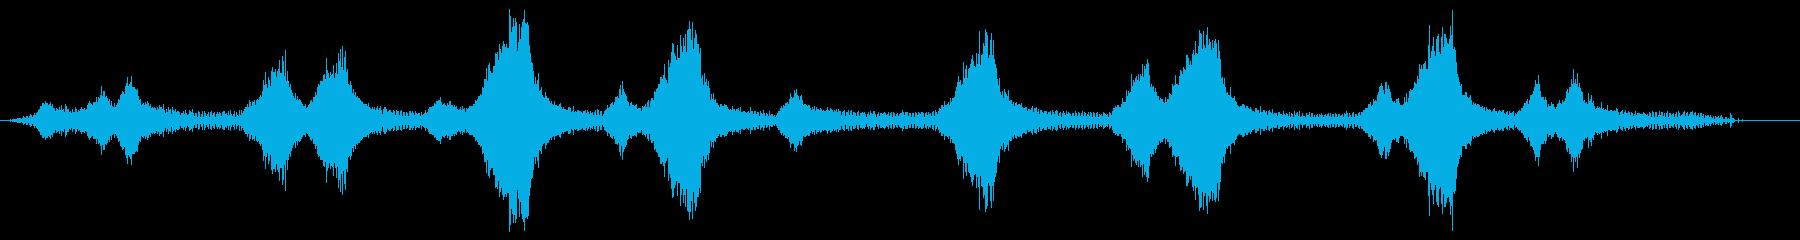 ストリングトリマー-作動中(ストリ...の再生済みの波形